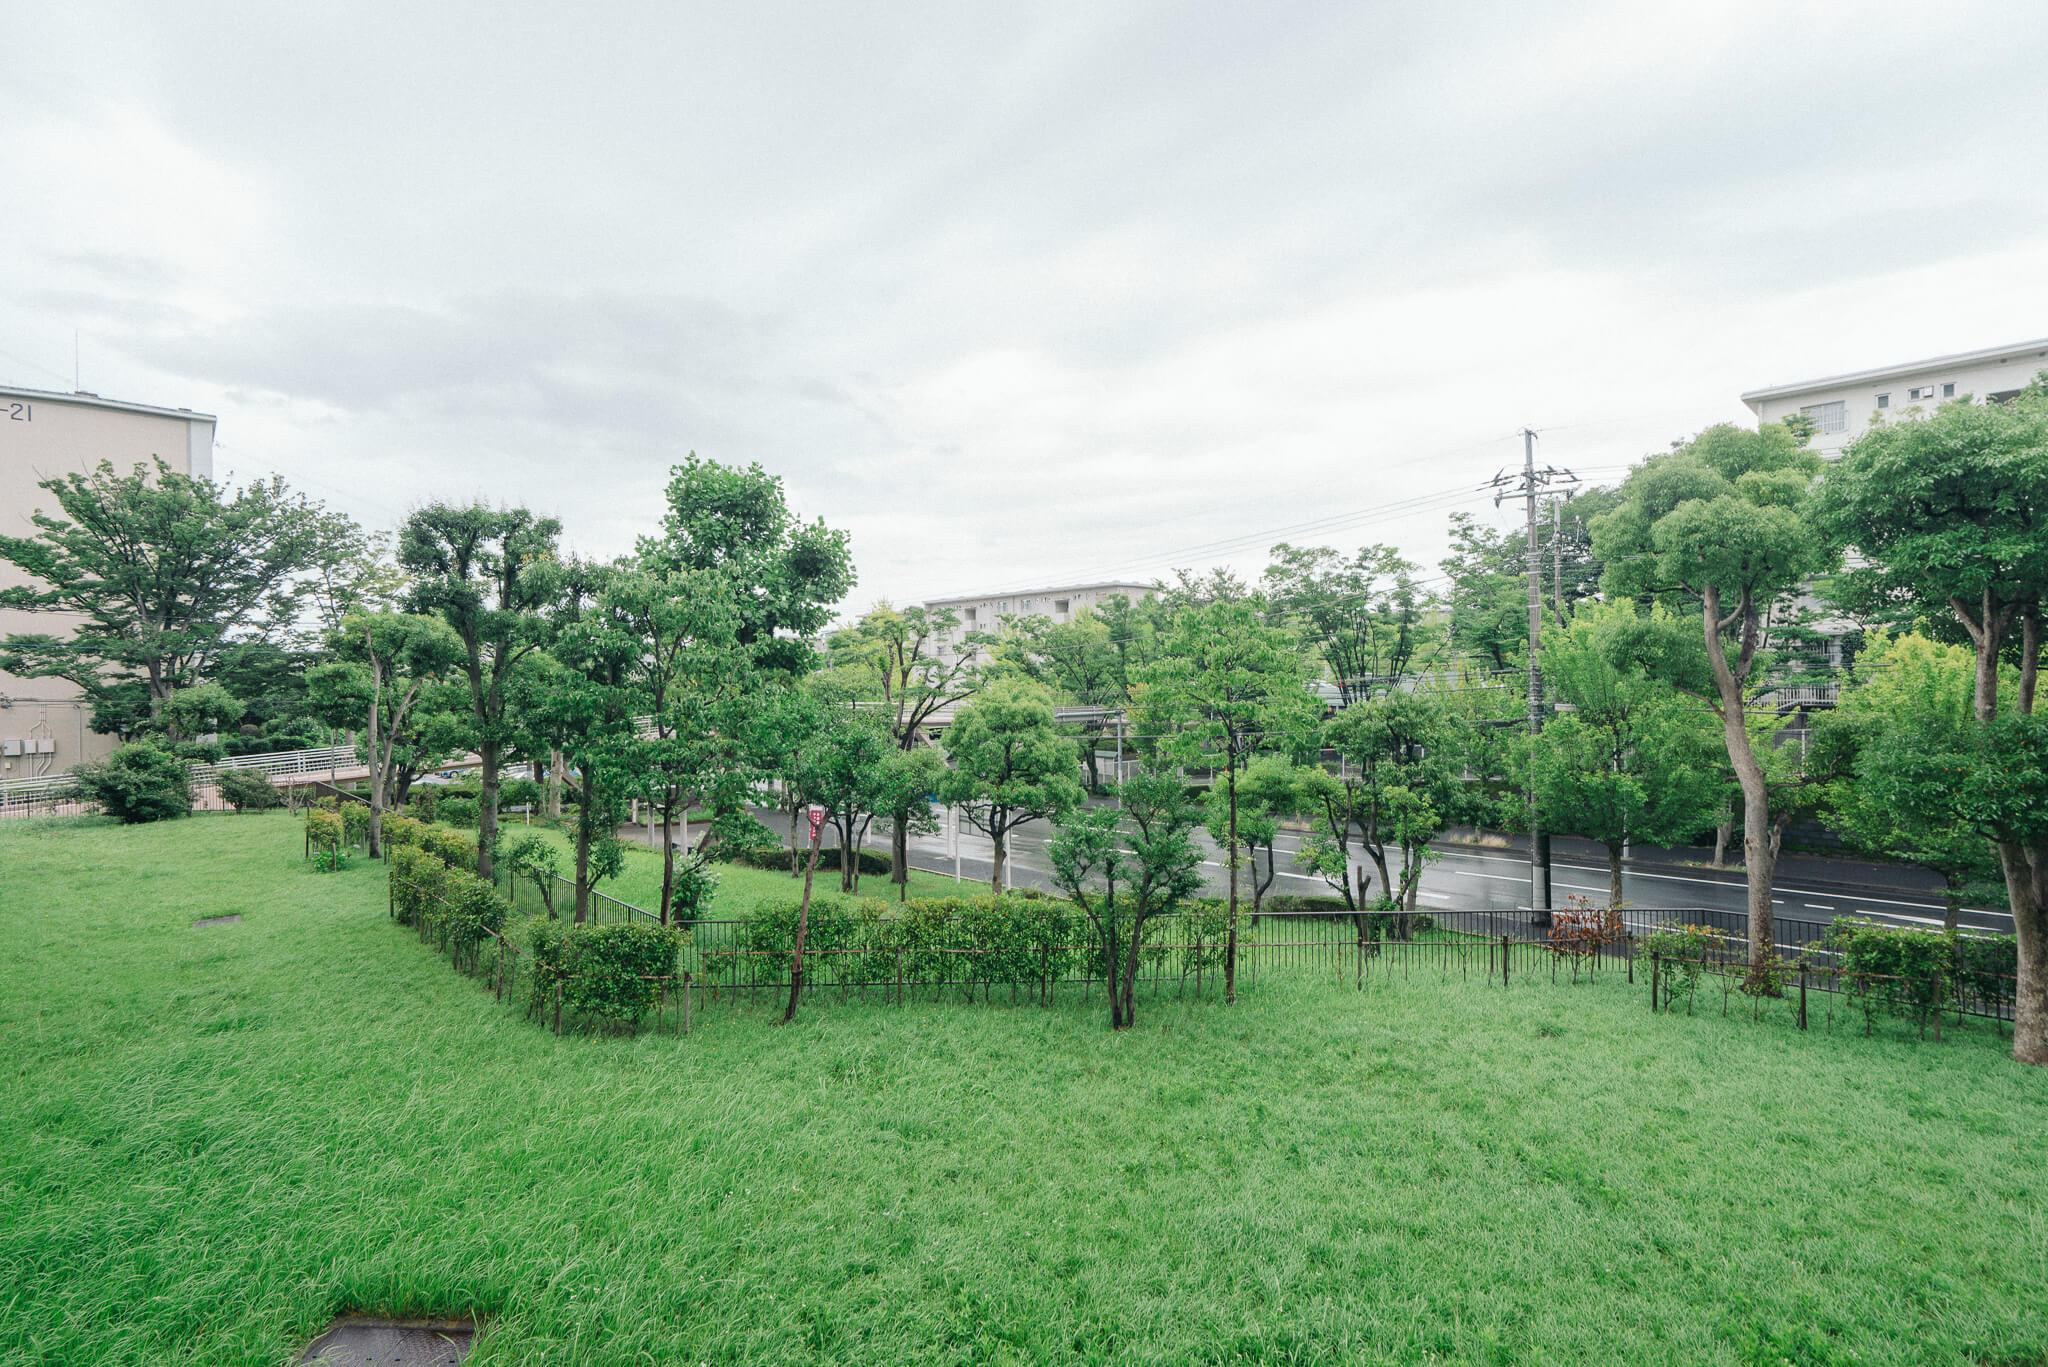 住棟によっては、リビングの目の前にこんな風に芝生の広場が広がるお部屋も。気持ちが自然とくつろぎますね。(写真は2-17号棟からの眺望)